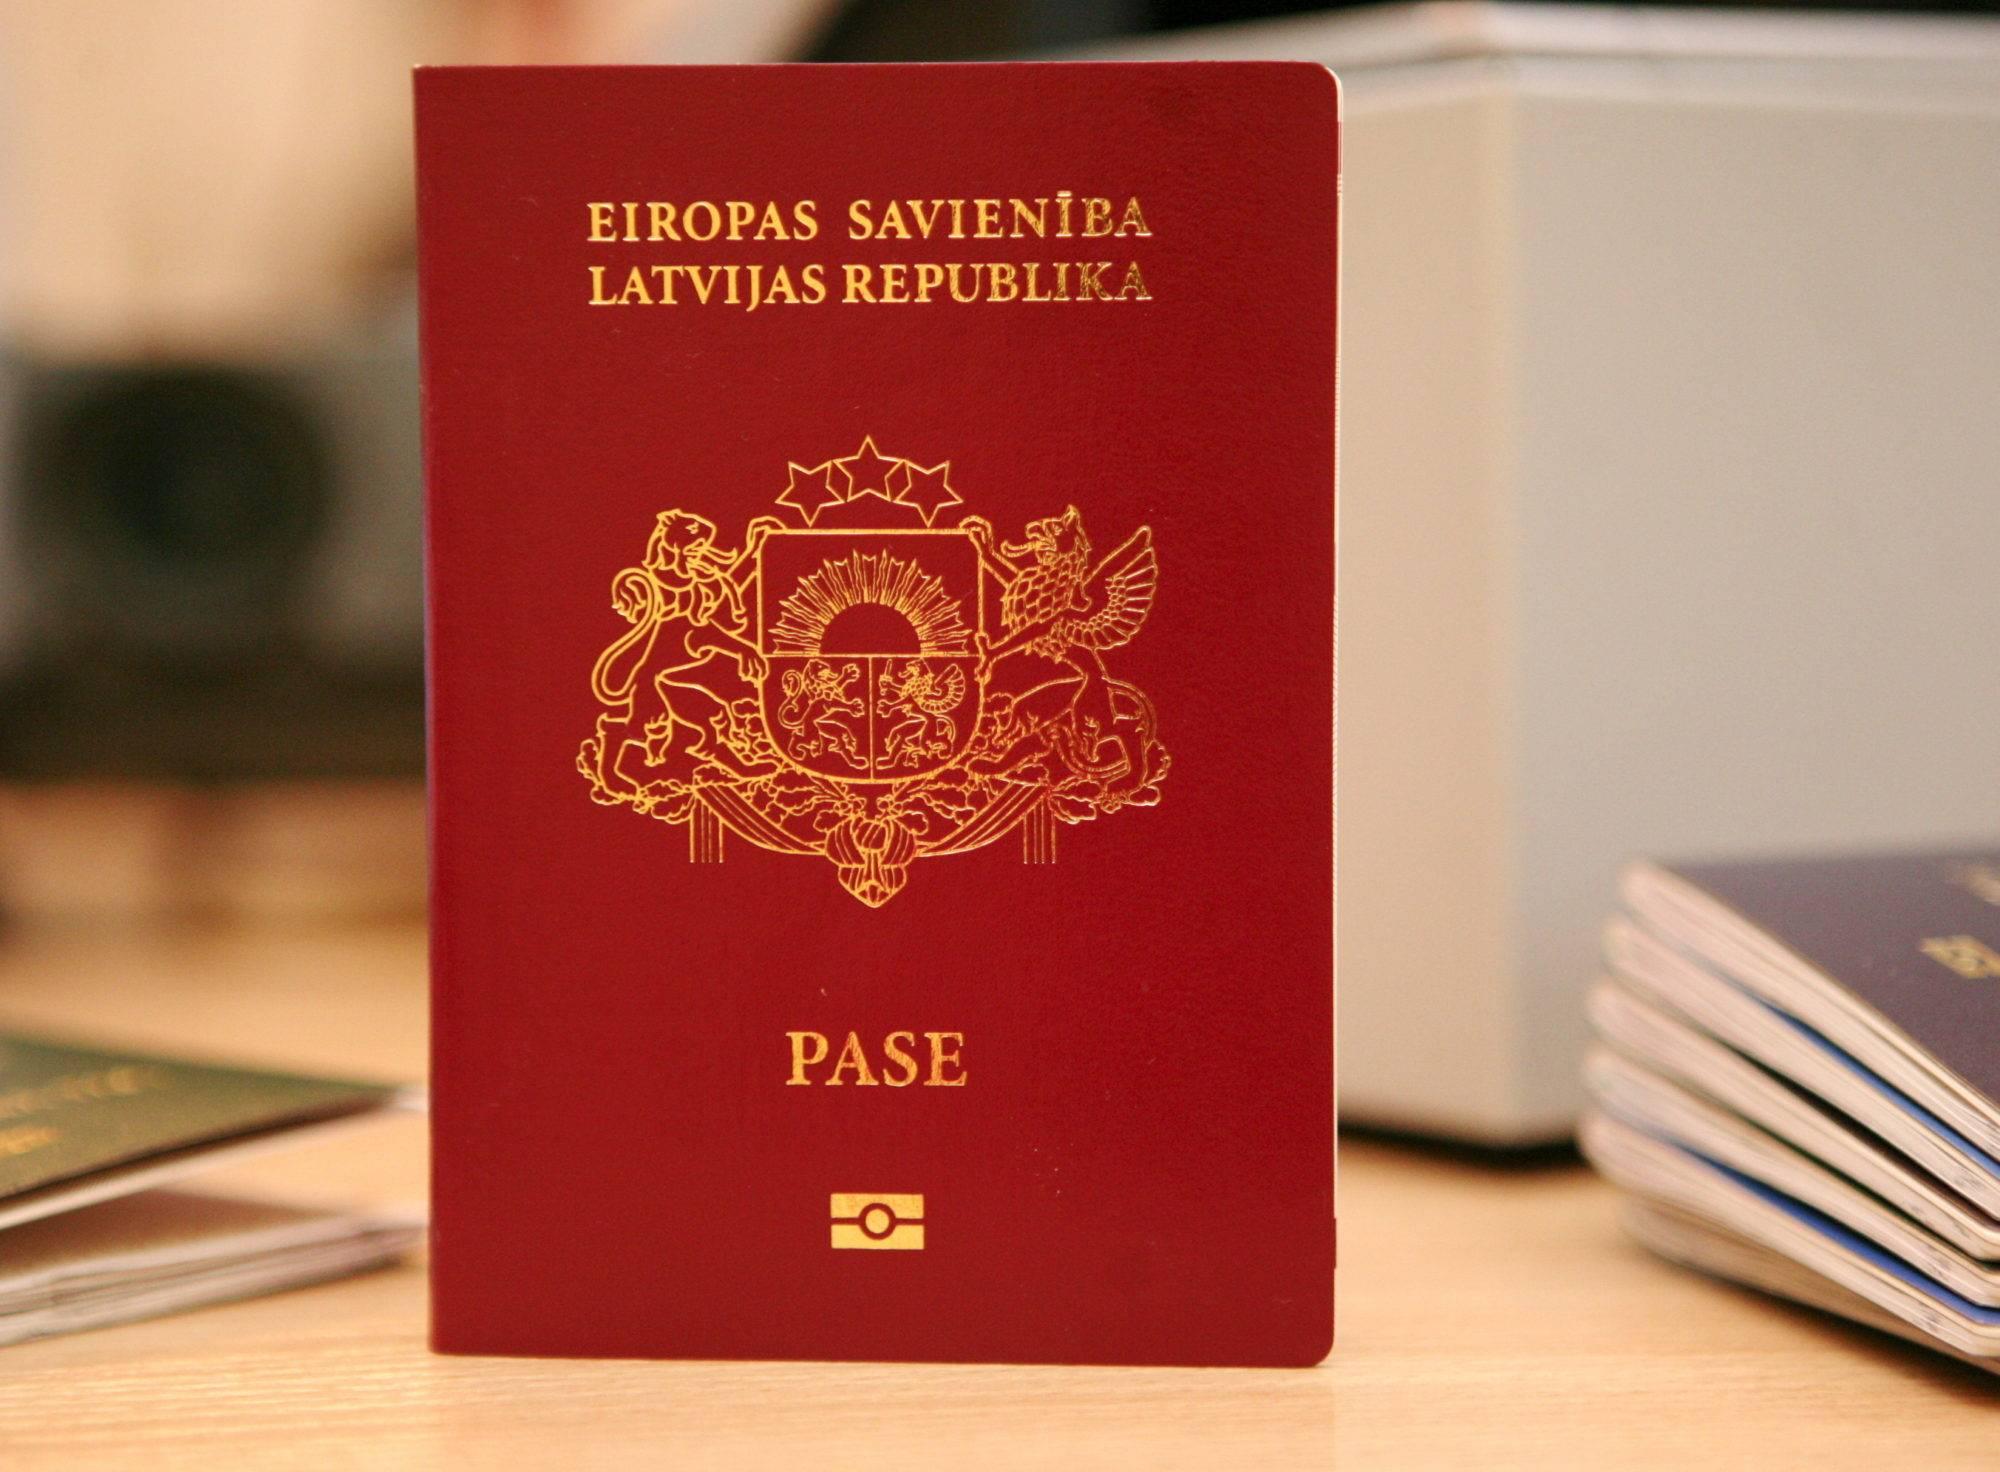 Граждане под вопросом: зачем президент латвии предложил выдать паспорта детям русскоязычных жителей — рт на русском